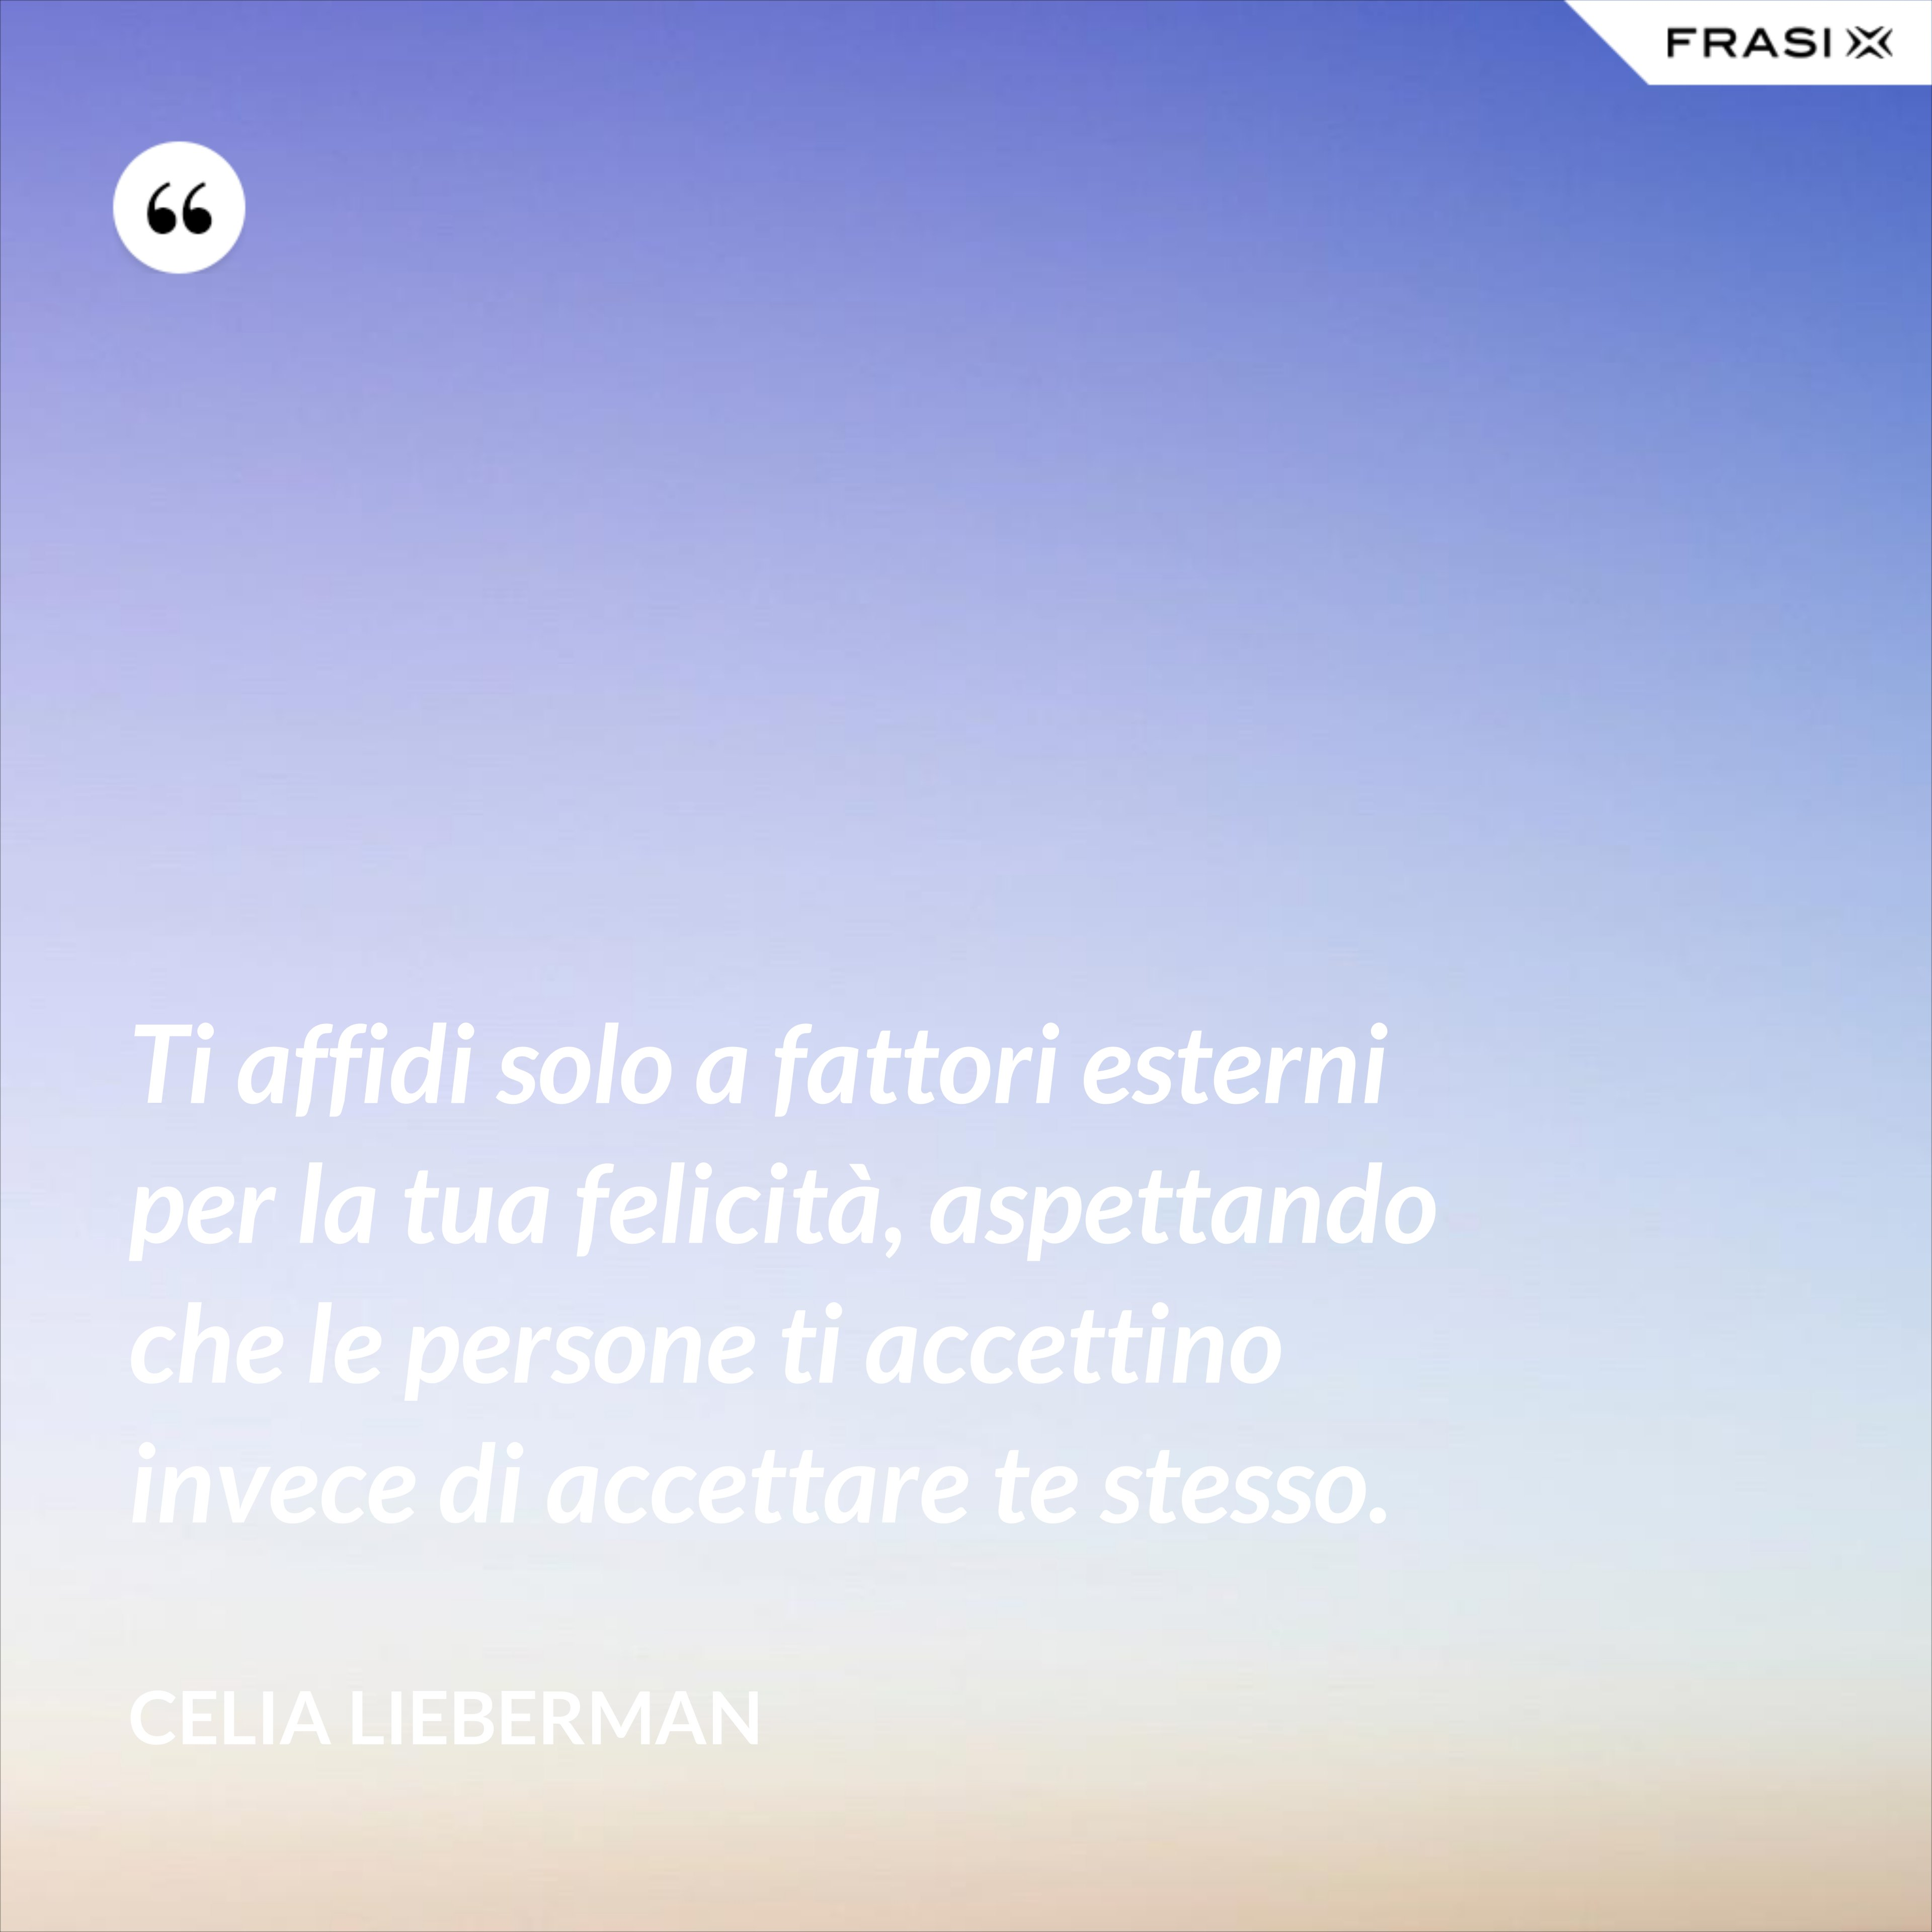 Ti affidi solo a fattori esterni per la tua felicità, aspettando che le persone ti accettino invece di accettare te stesso. - Celia Lieberman